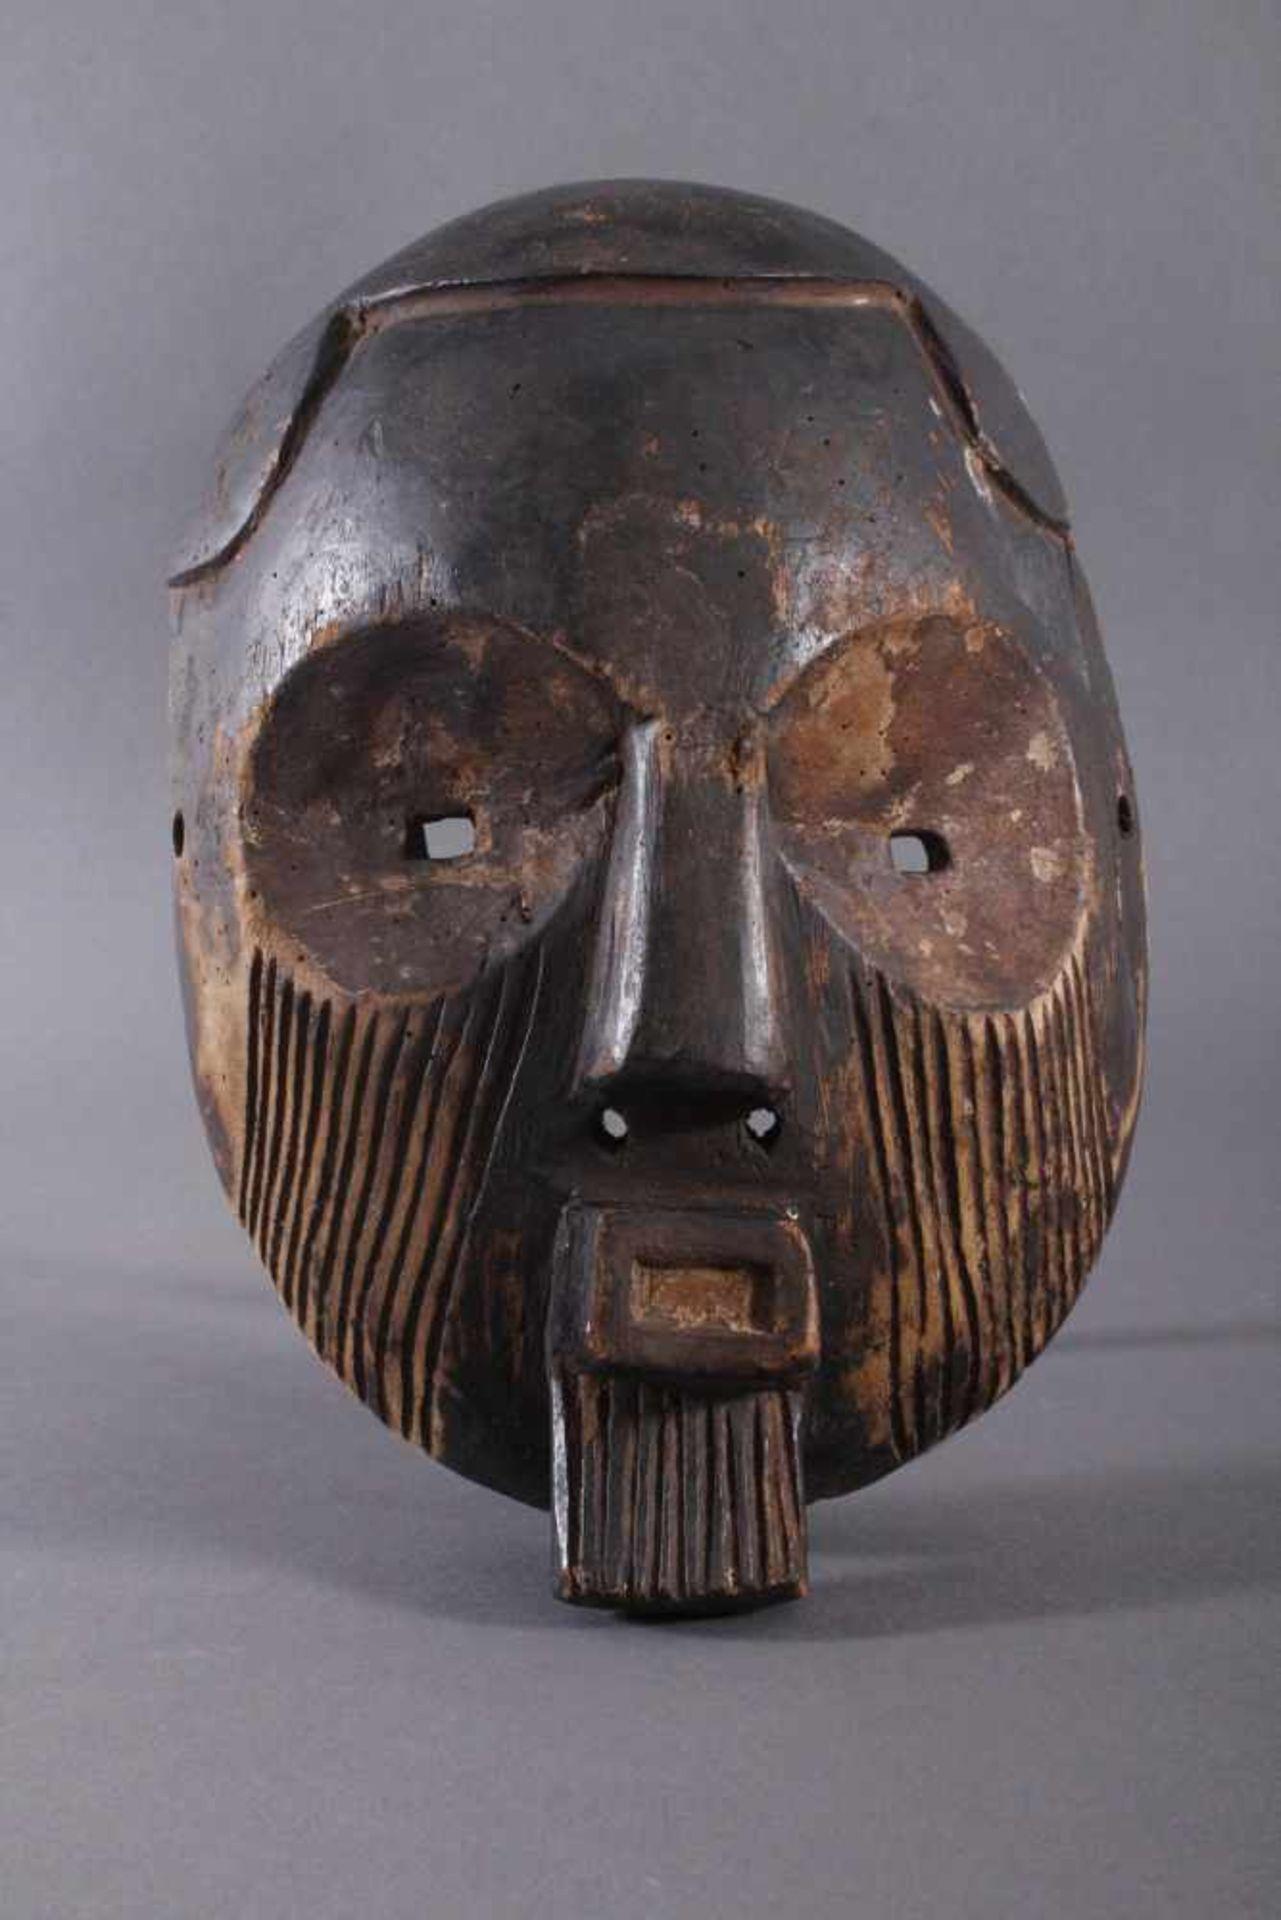 Antike Maske, Zaire/Kongo 1. Hälfte 20. Jh.Holz geschnitzt, dunköe Patina . Gesicht mit linearen